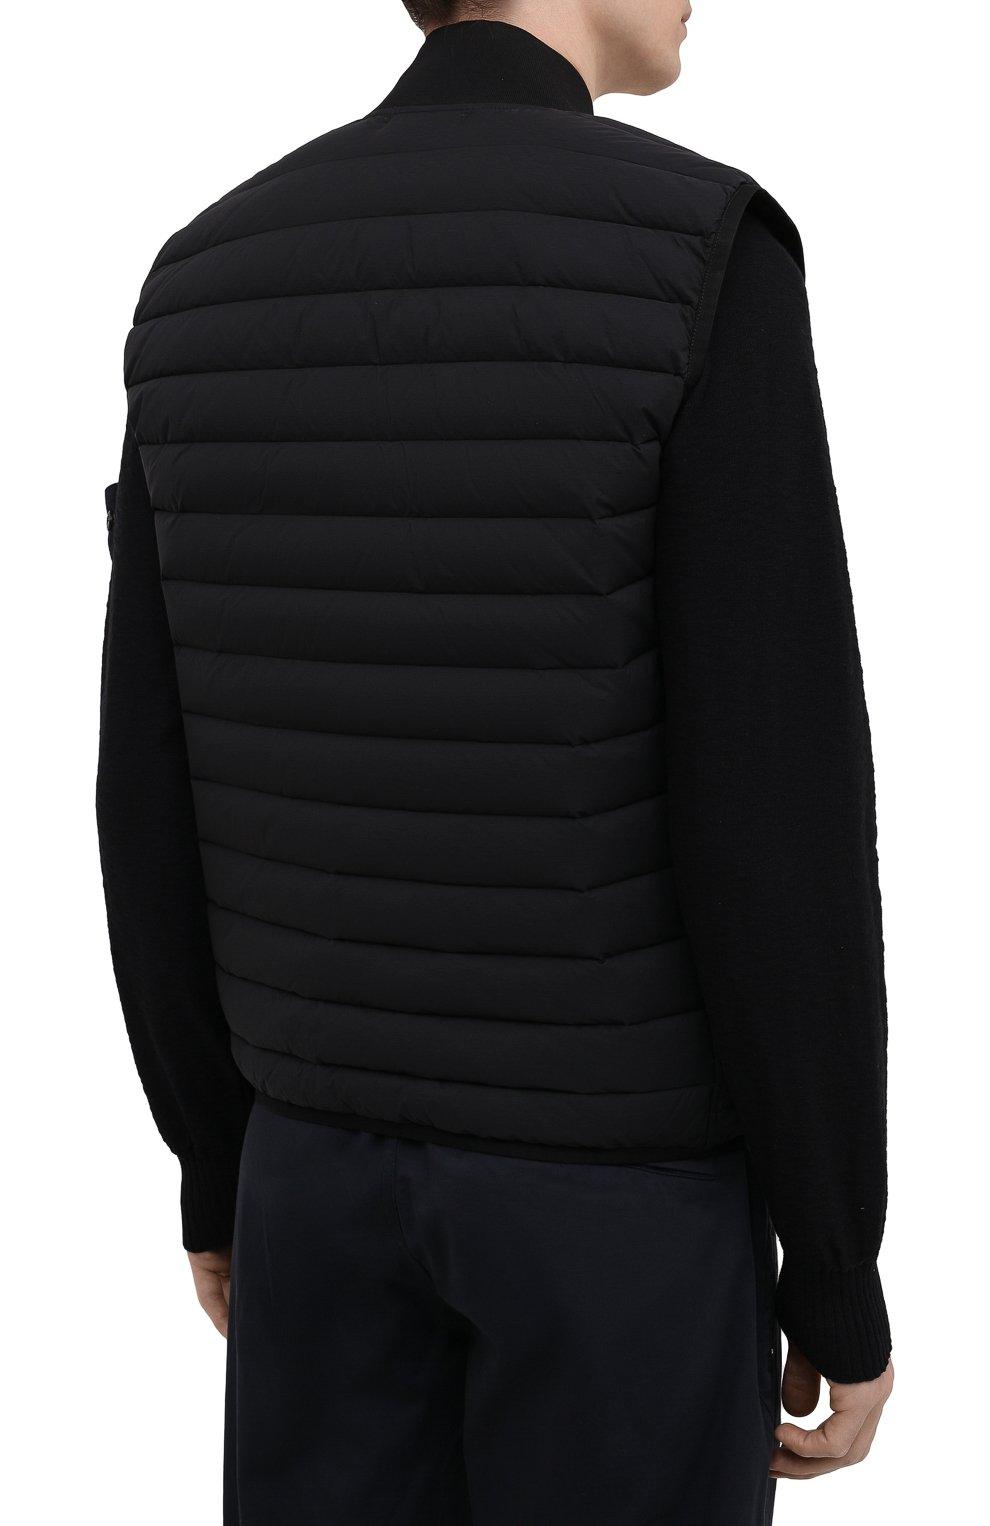 Мужской пуховый жилет STONE ISLAND черного цвета, арт. 7415G0225   Фото 4 (Кросс-КТ: Куртка, Пуховик; Материал внешний: Синтетический материал; Стили: Гранж; Материал подклада: Синтетический материал; Длина (верхняя одежда): Короткие; Материал утеплителя: Пух и перо)